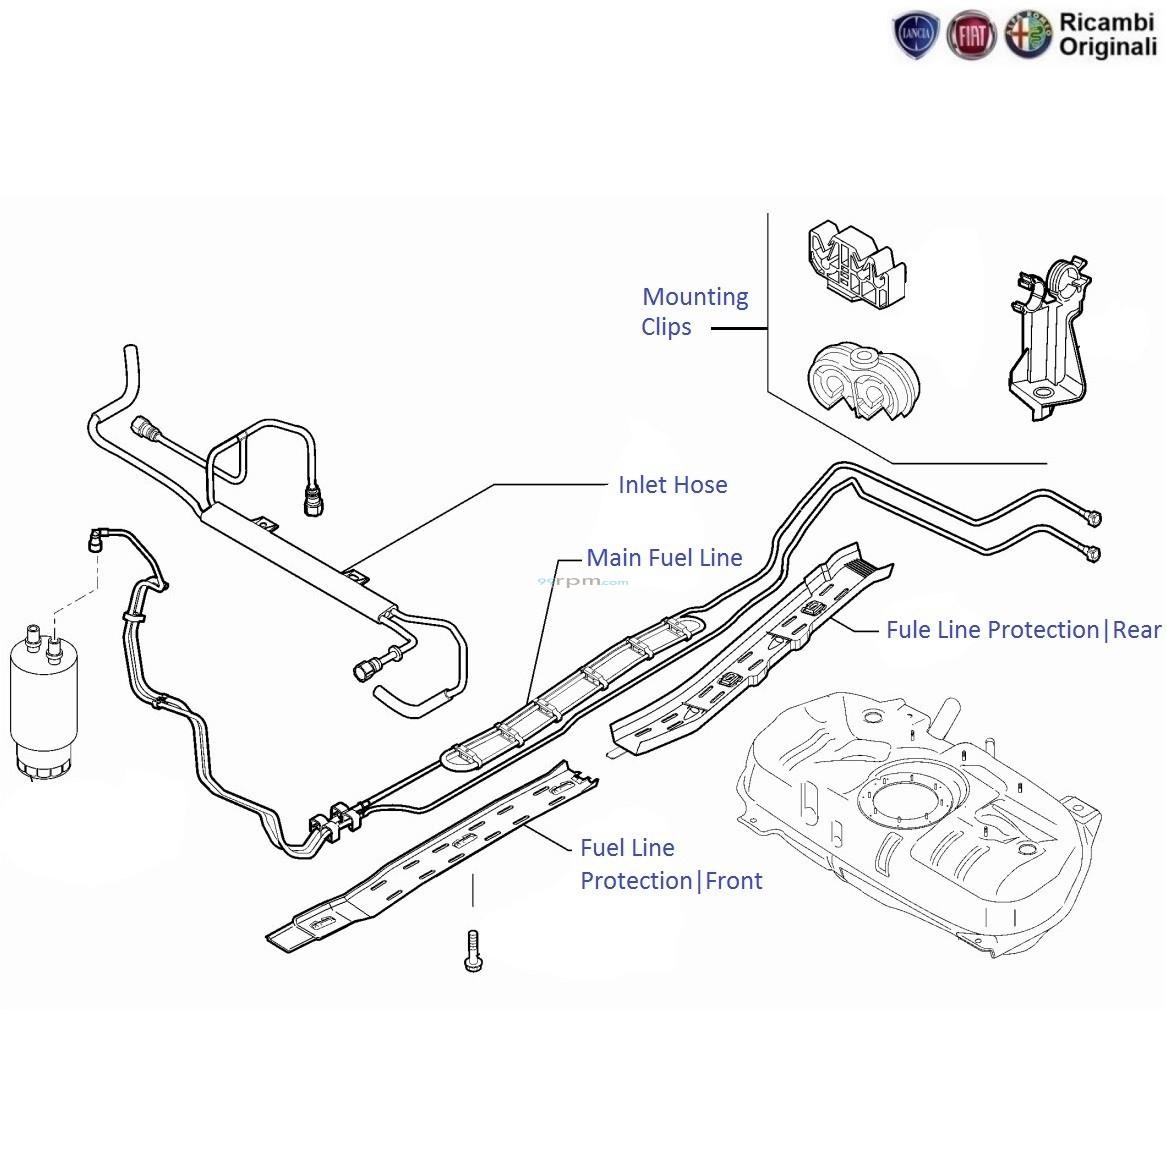 FIAT Linea 1 3 MJD Diesel: Fuel Pipes